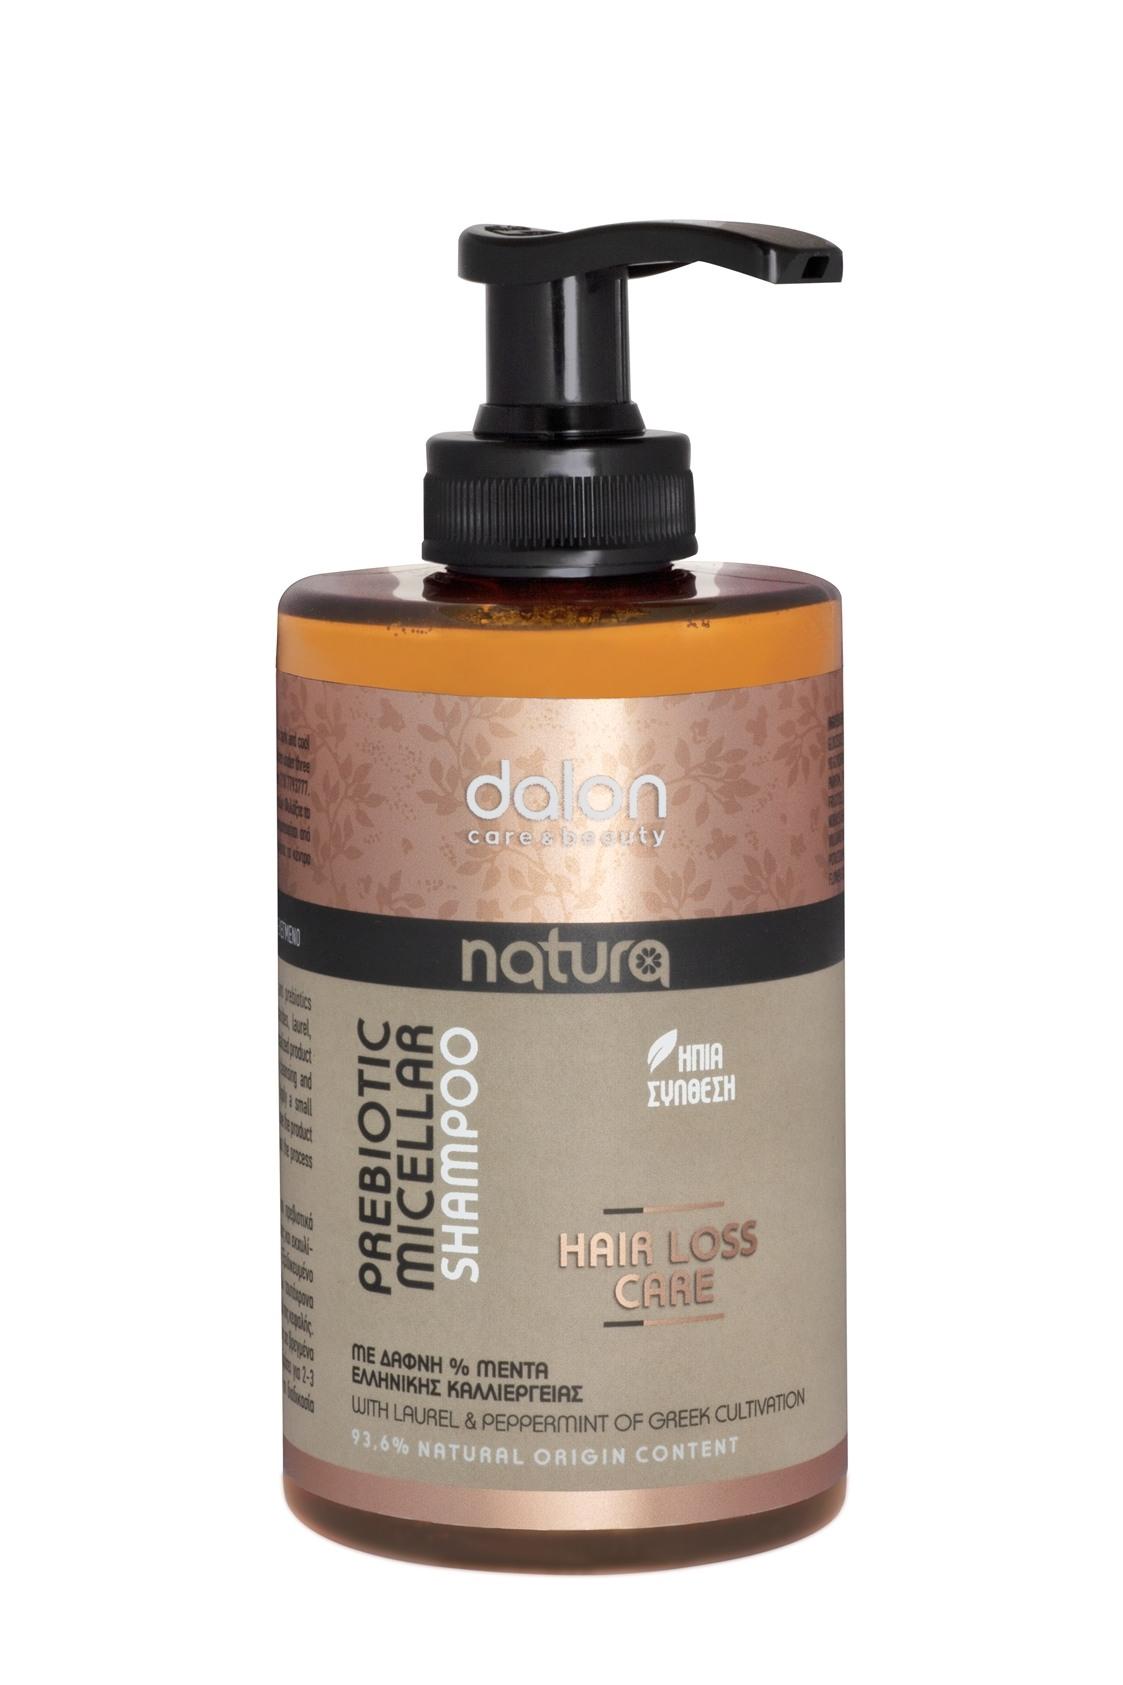 Prebiotic Micellar Shampoos